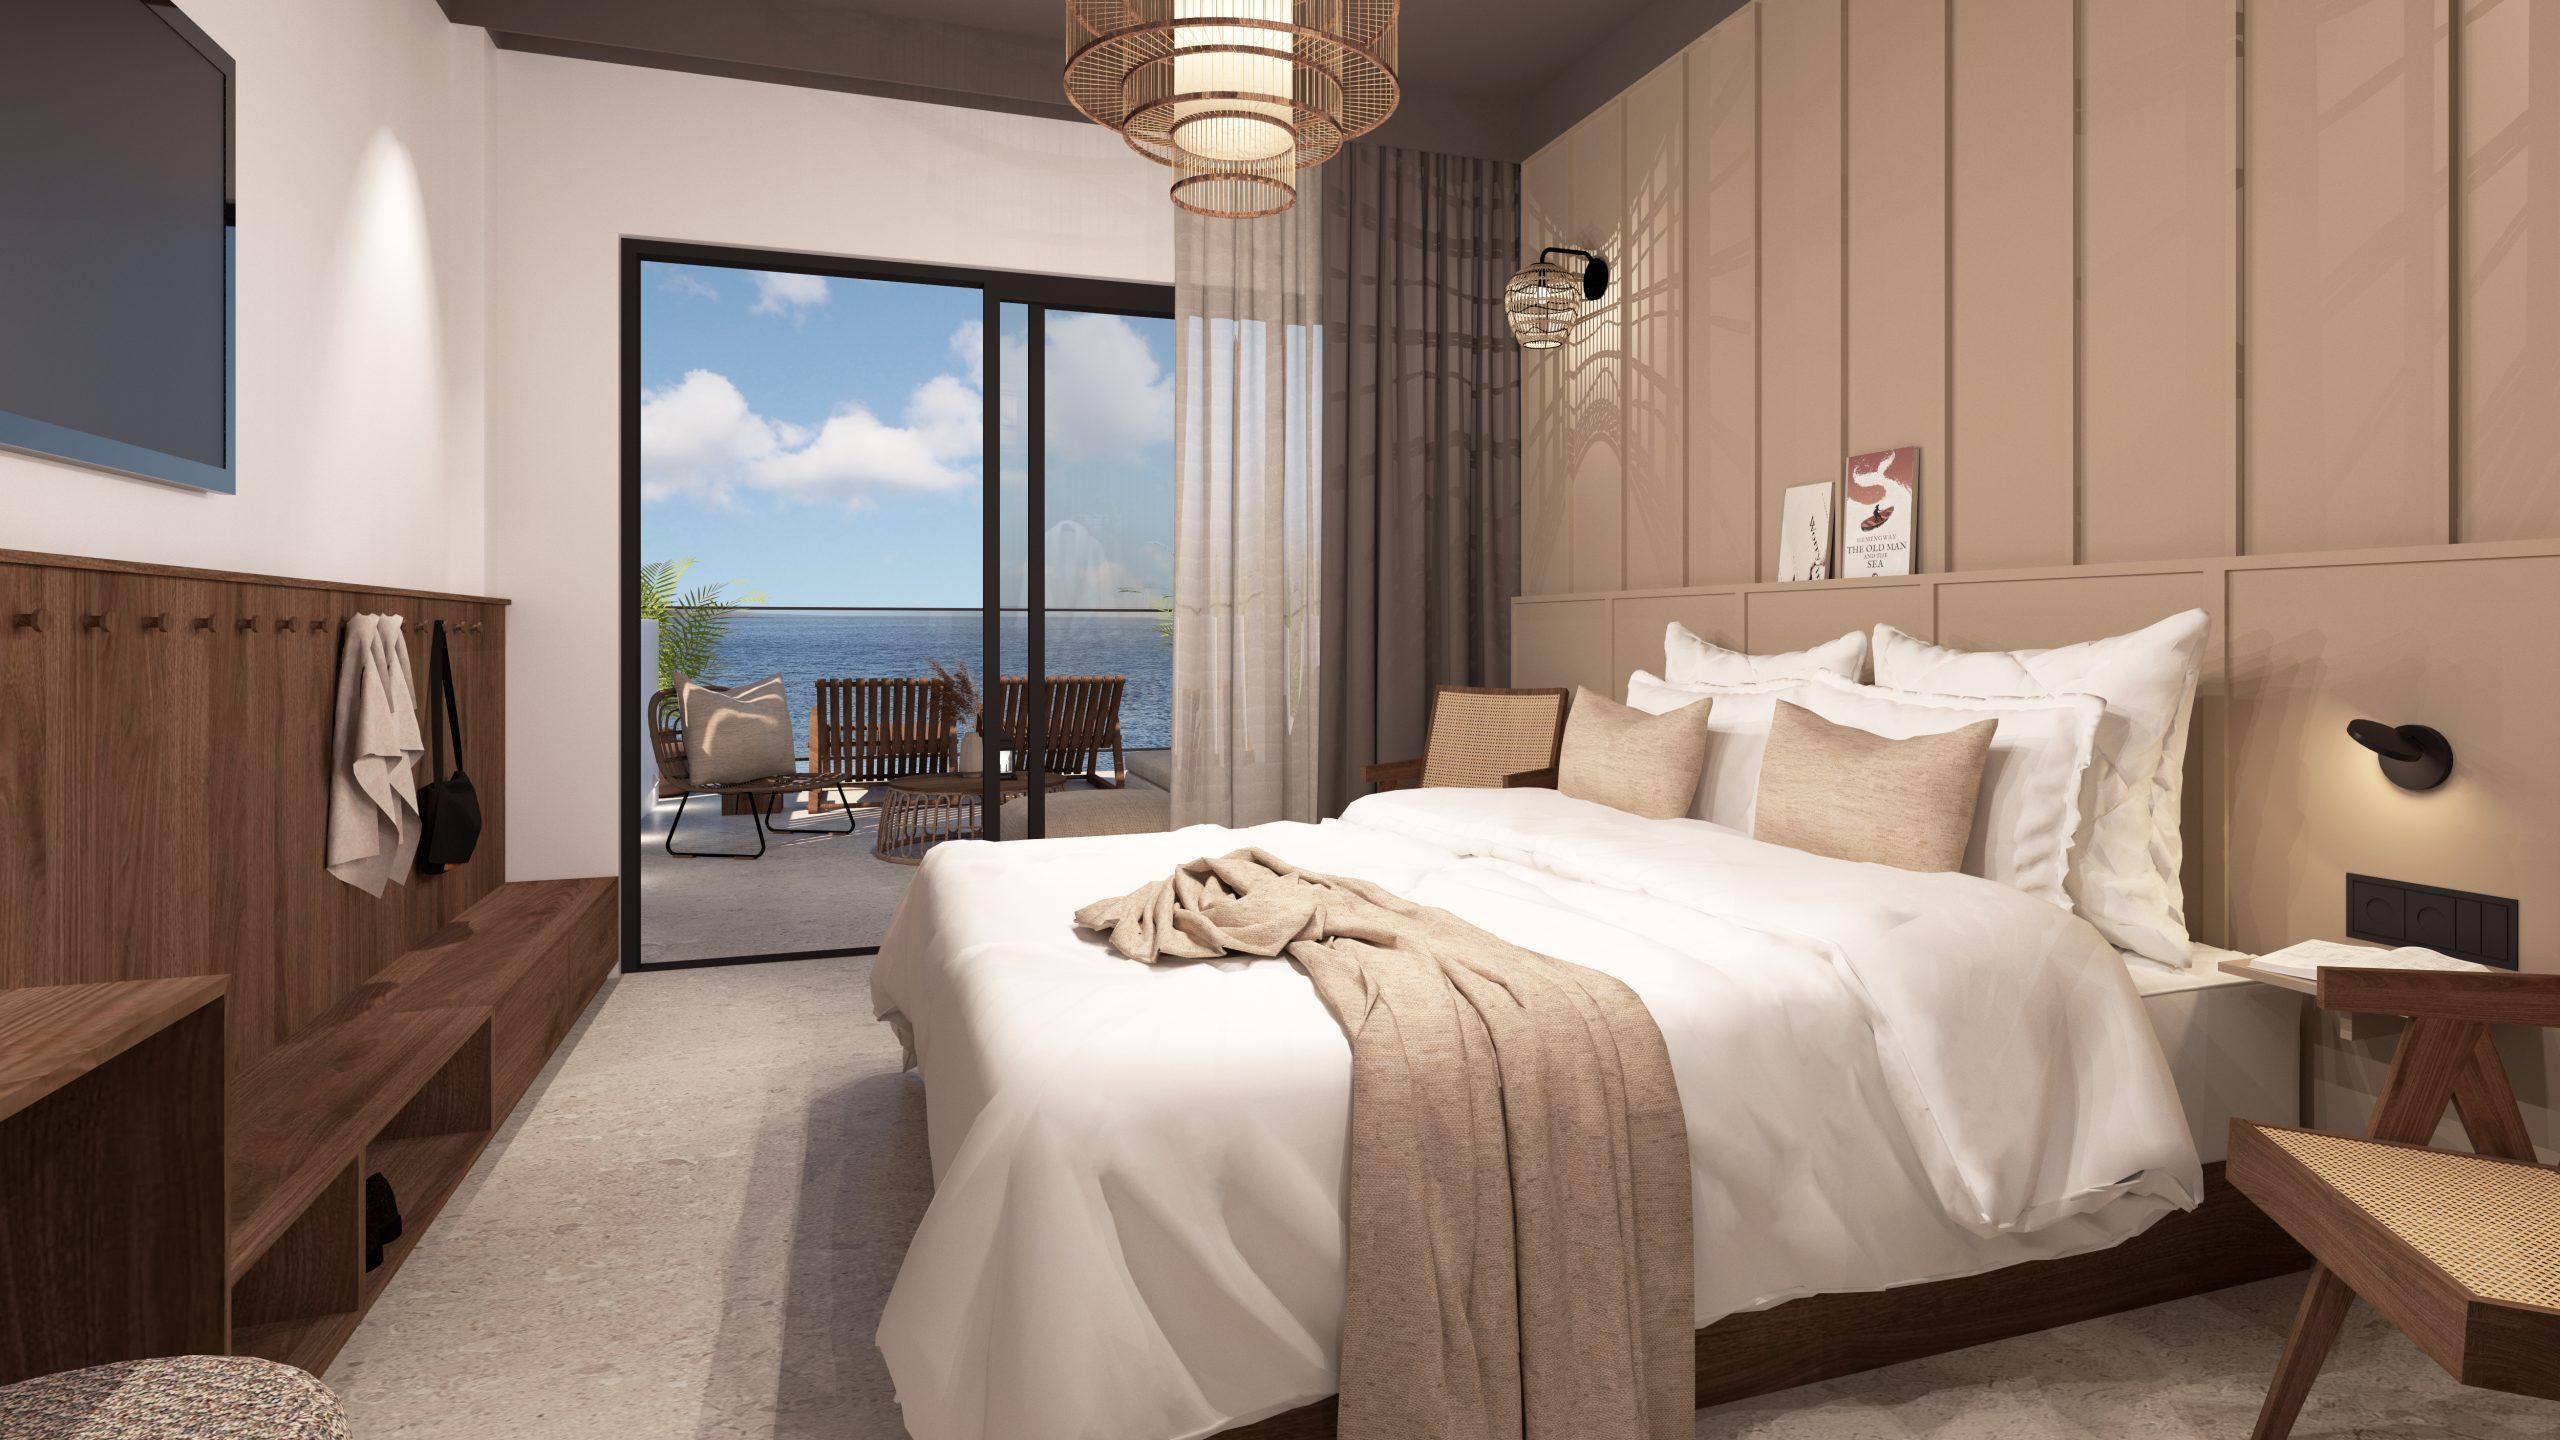 Det eksisterende Spies-hotel Sunprime Pollensa Bay på Mallorca ommøbleres nu til et Sunprime-hotel, hvor gæsterne skal være mindst 16 år. Hotellet er kun for gæster fra Nordic Leisure Travel Group, der omfatter Spies. Illustration af et kommende værelse på Pollensa Bay-hotellet.